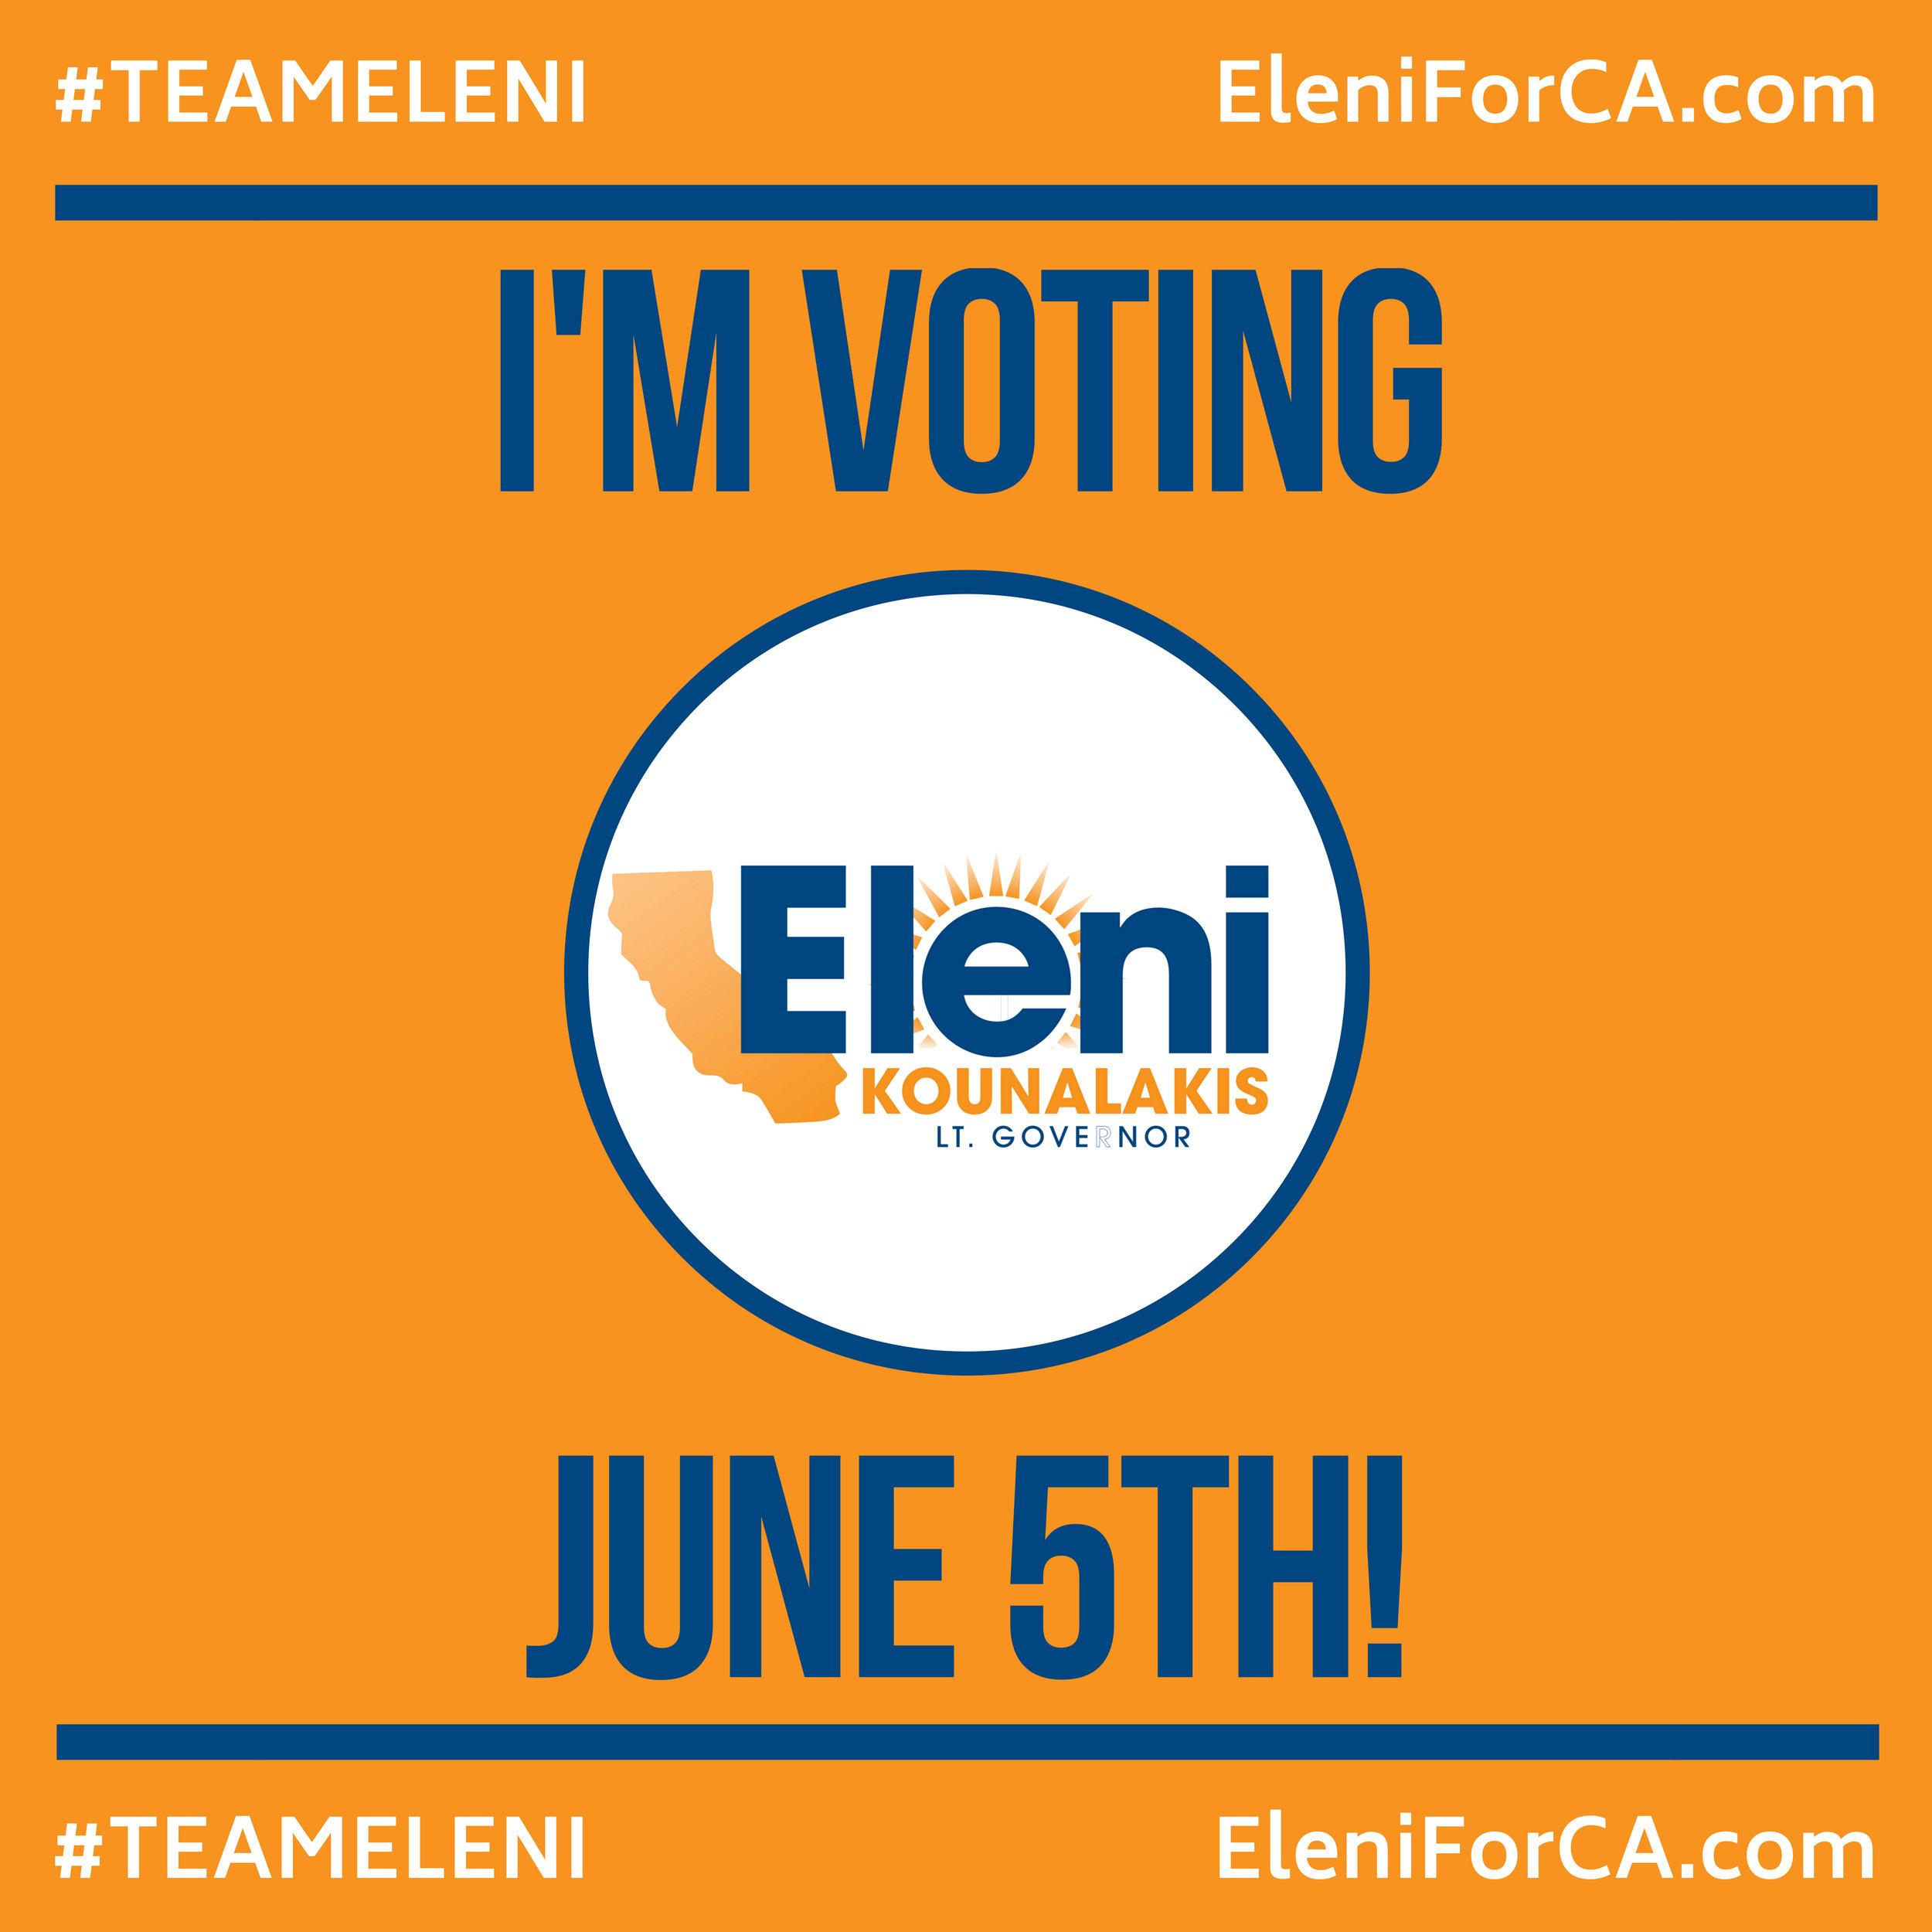 I'm Voting Eleni - Share for Social.jpg